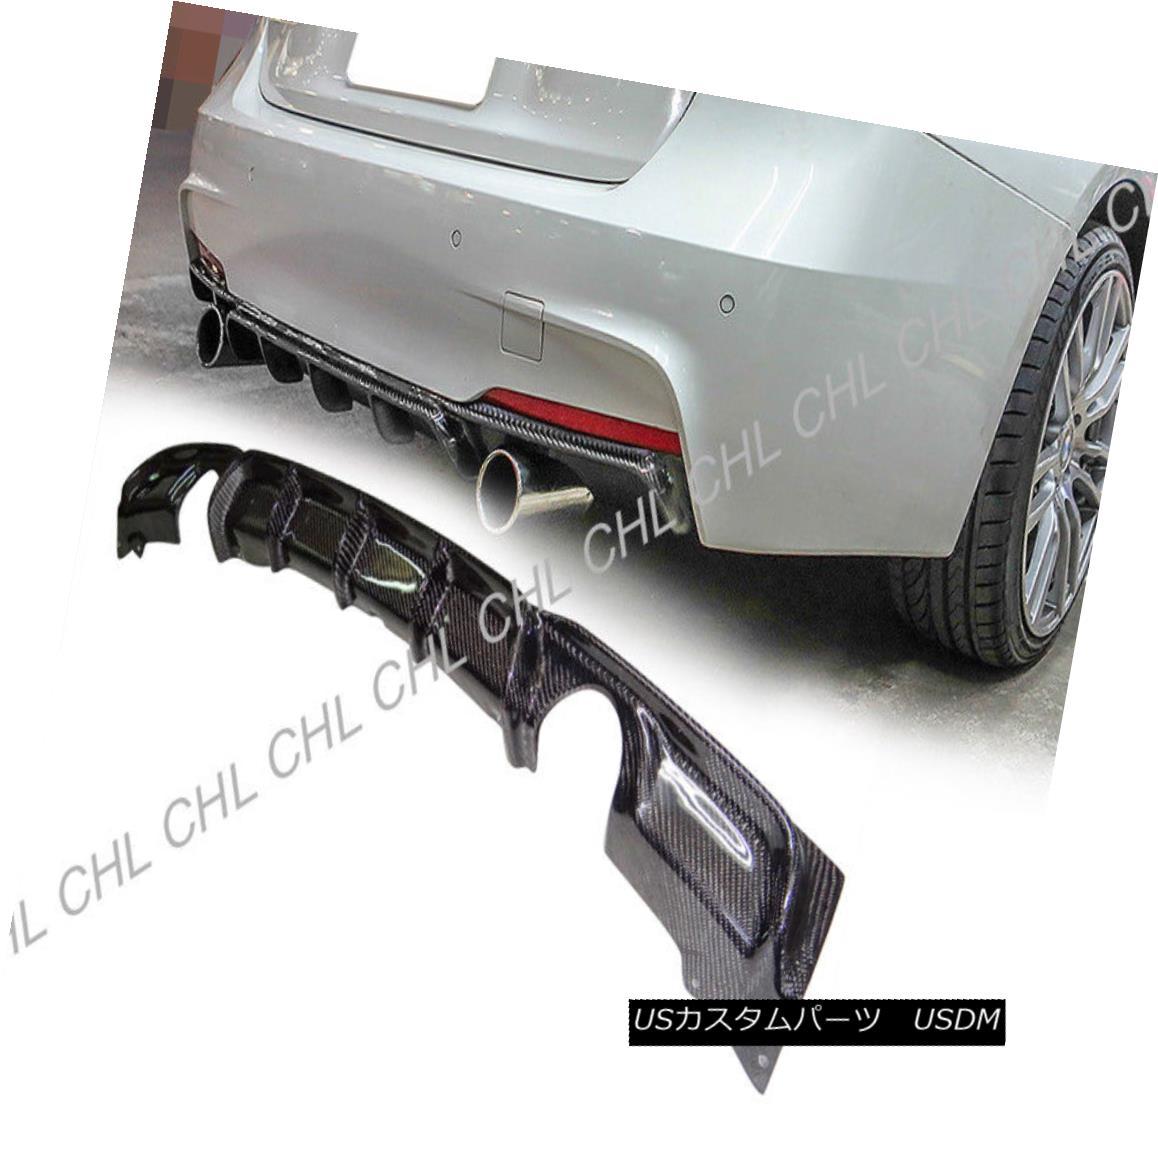 エアロパーツ P Stye Carbon Fiber Rear Diffuser (Dual Tips) For 12-17 BMW F30 3-Series M-Sport P Styeカーボンファイバーリアディフューザー(デュアルヒント)12-17 BMW F30 3シリーズM-スポーツ用